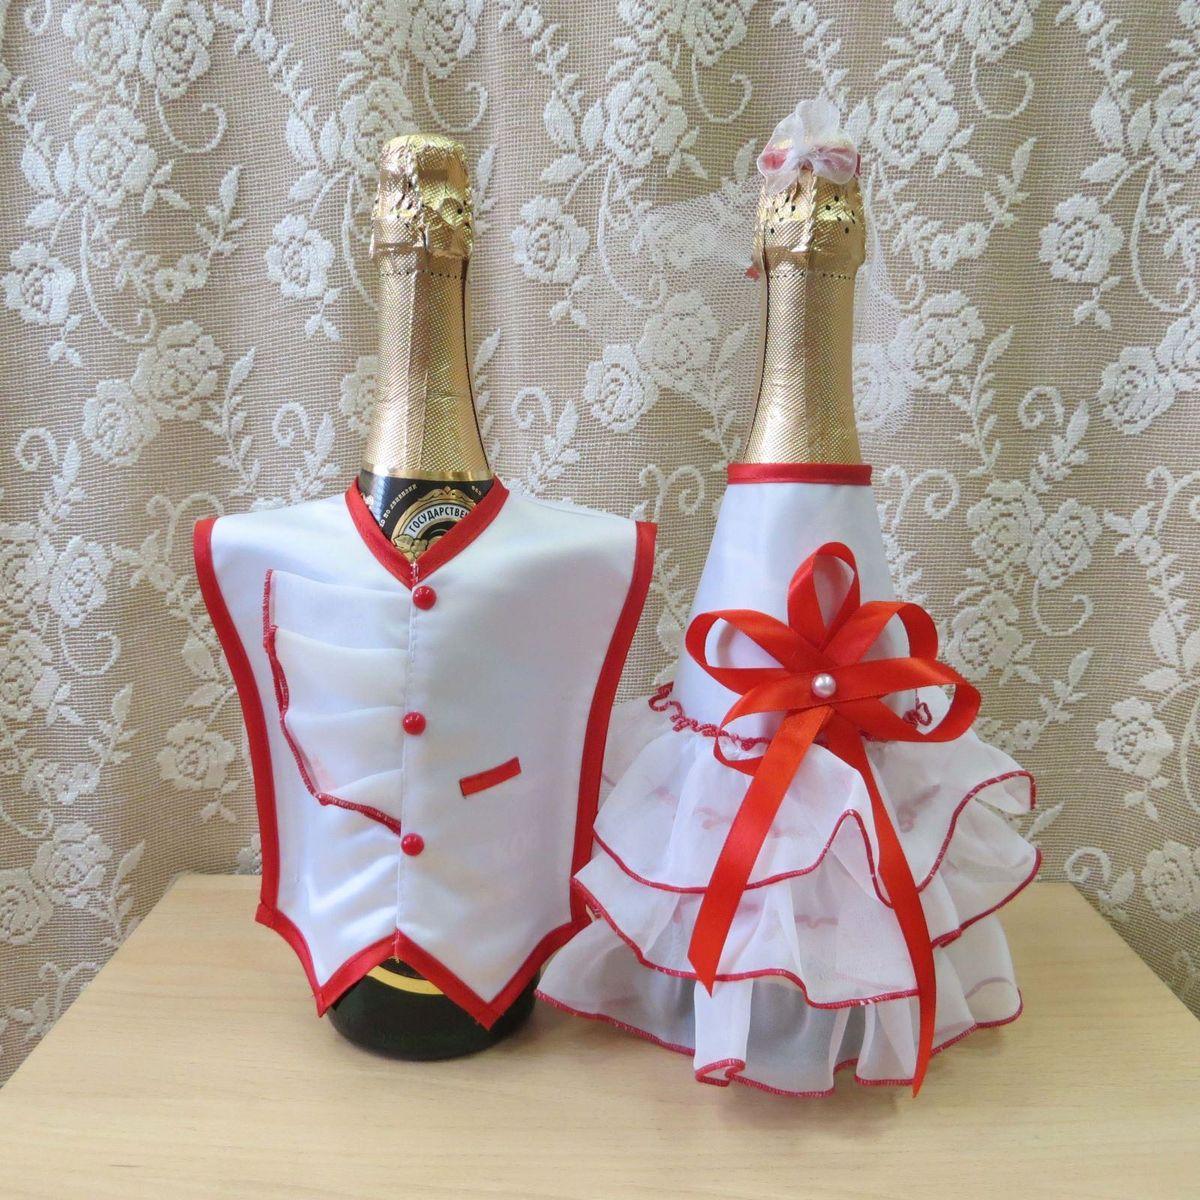 Sima-land Одежда на бутылку, белая, красное оформление1161863Для создания отличного мероприятия в ход идут самые удивительные приемы: скульптуры из воздушных шаров, клоуны и стриптизерши, выпрыгивающие из торта, роскошно украшенные столы... Но мы предлагаем вам не остановиться на этом, ведь именно из мелочей складывается атмосфера незабываемого праздника. Одежда на бутылку – отличный способ украсить праздничный стол, обозначить напиток, который вы считаете звездой вашего стола, без слов рассказать о характере каждого напитка, и о том, кому он предназначен, да и просто добавить яркий необычный элемент.